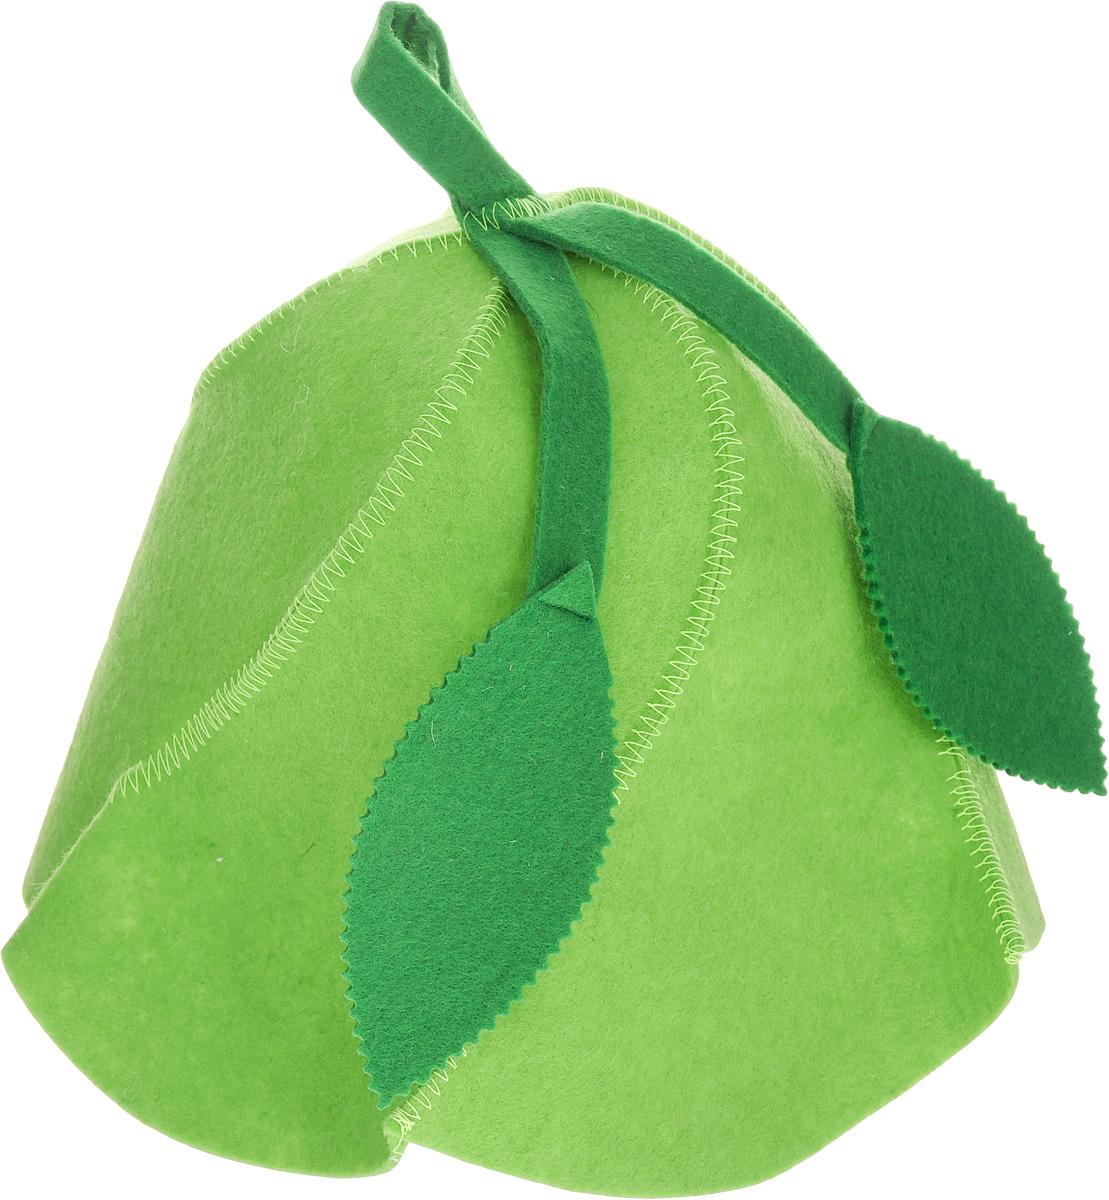 Шапка для бани и сауны Доктор баня Вьюнок, цвет: зеленый905245Шапка для бани и сауны Доктор баня Вьюнок изготовлена из фильца (100%полиэстер) - нетканого полотна. Это незаменимый аксессуар для любителей попариться в русскойбане и для тех, кто предпочитает сухой жар финской бани.Необычный дизайн изделия поможет сделать ваш отдых приятным иразнообразным, к тому же шапка защитит вас от головокружения впарилке, ваши волосы - от сухости и ломкости, а голову - от перегрева.Такая шапкастанет отличным подарком для любителей отдыха в бане или сауне. Диаметр основания шапки: 31 см. Высота шапки: 26 см.